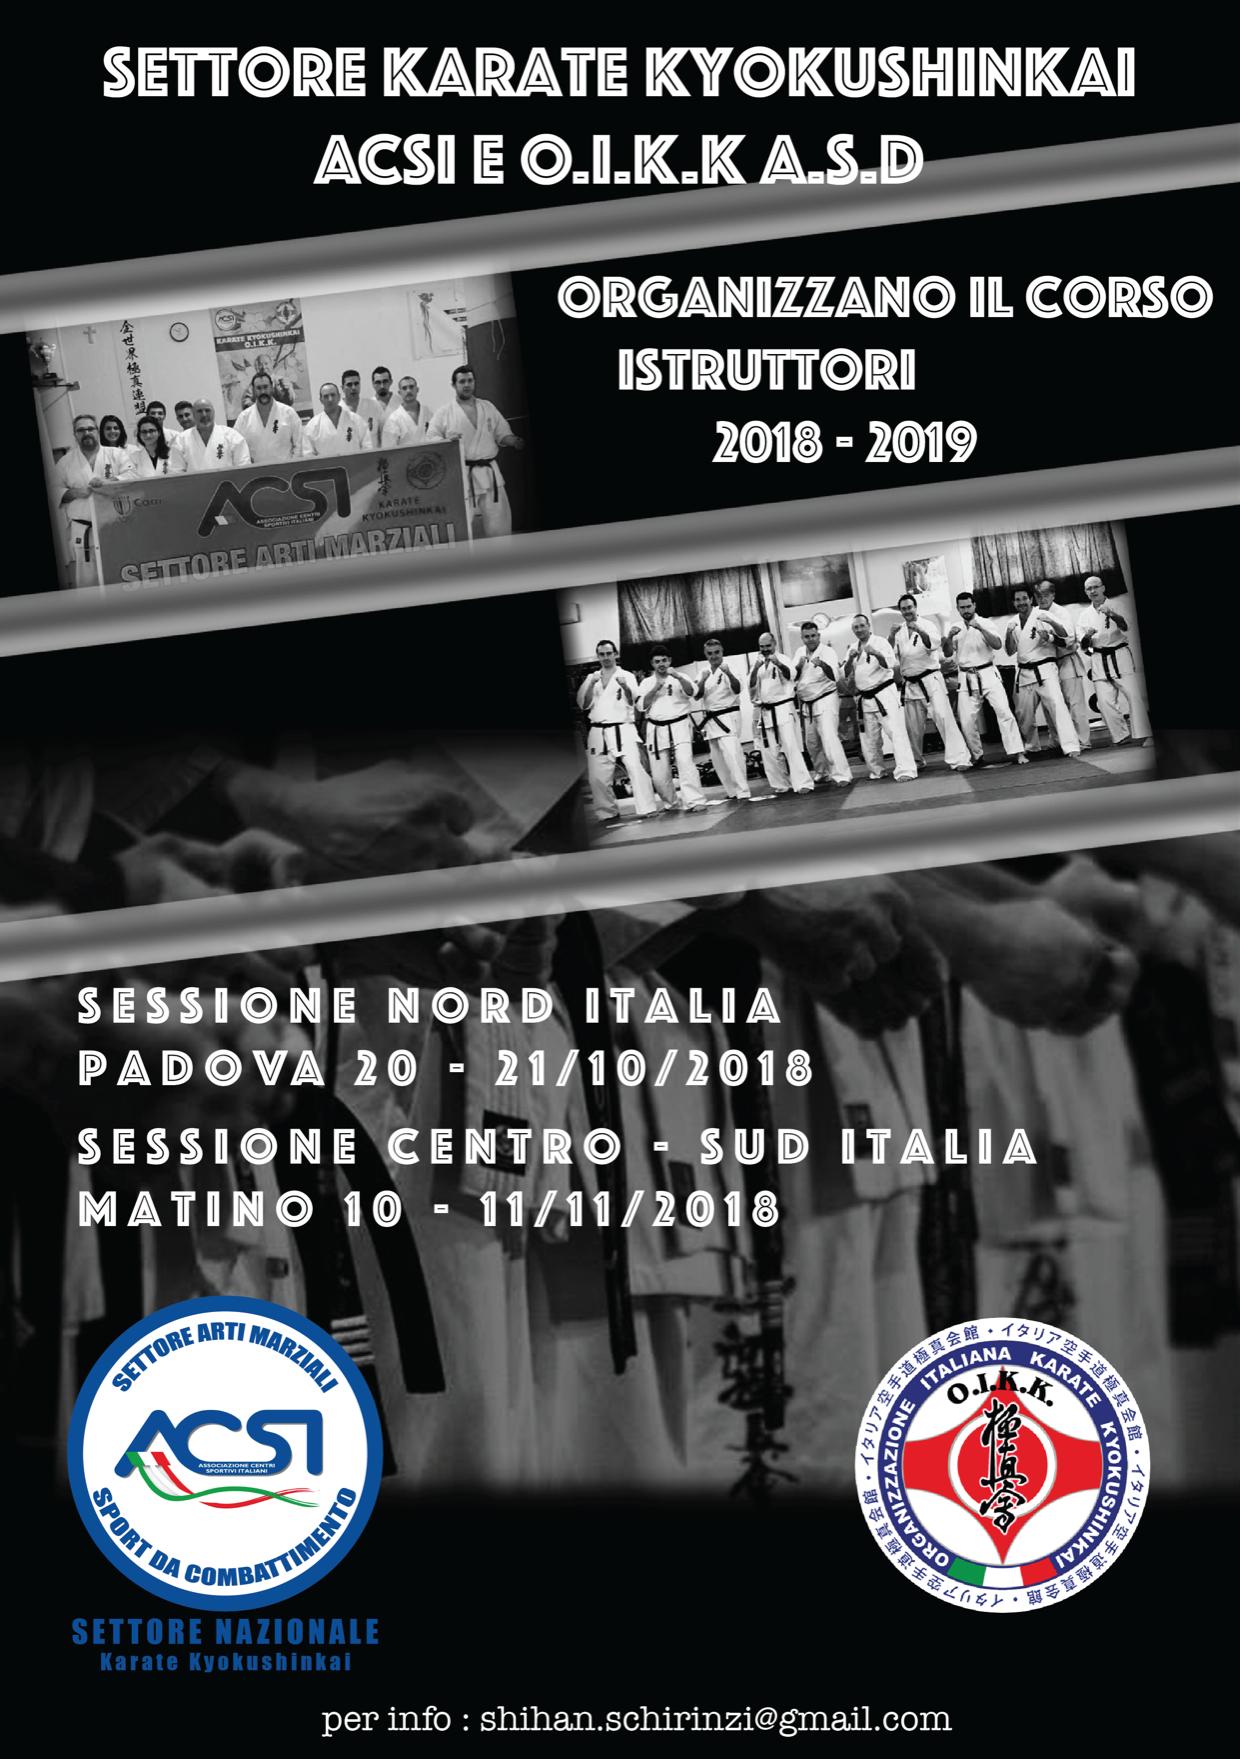 corso_istruttori_2019.PNG